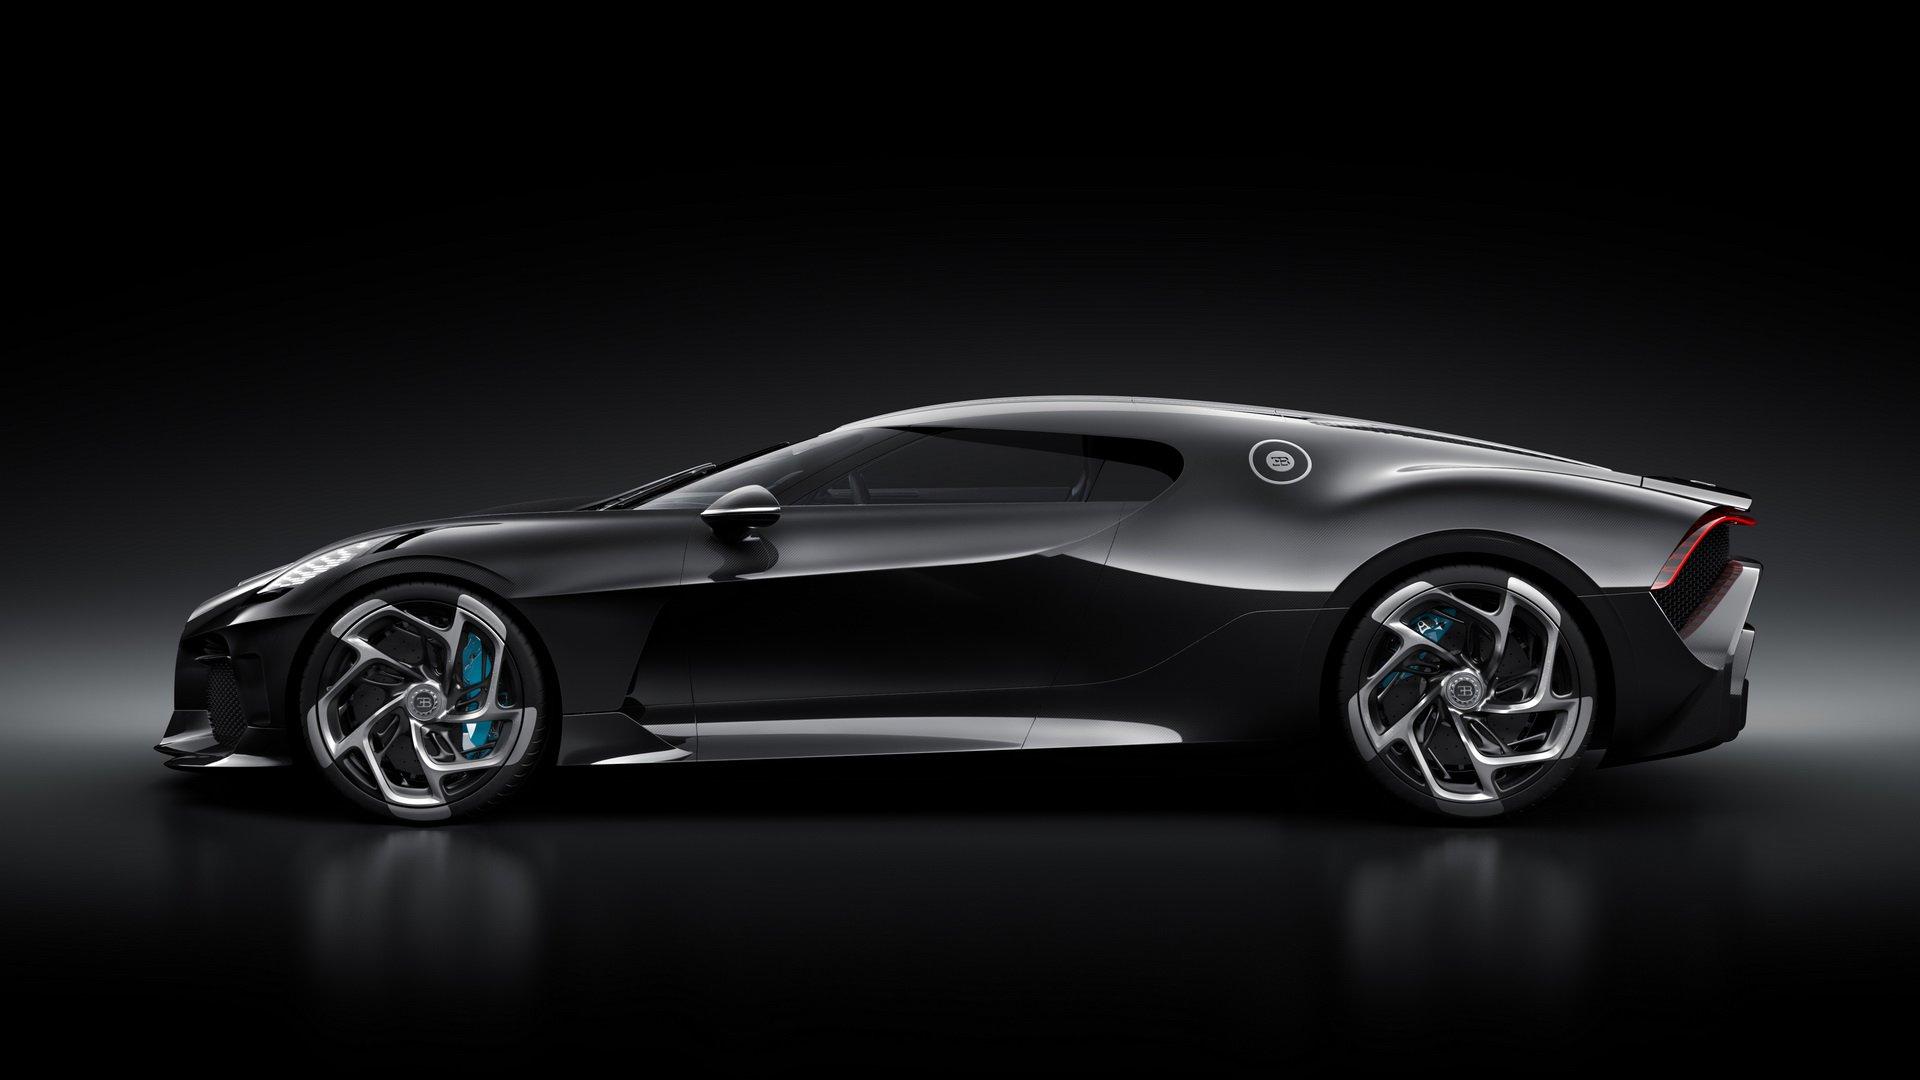 Криштиано Роналдо купил самый дорогой авто в мире